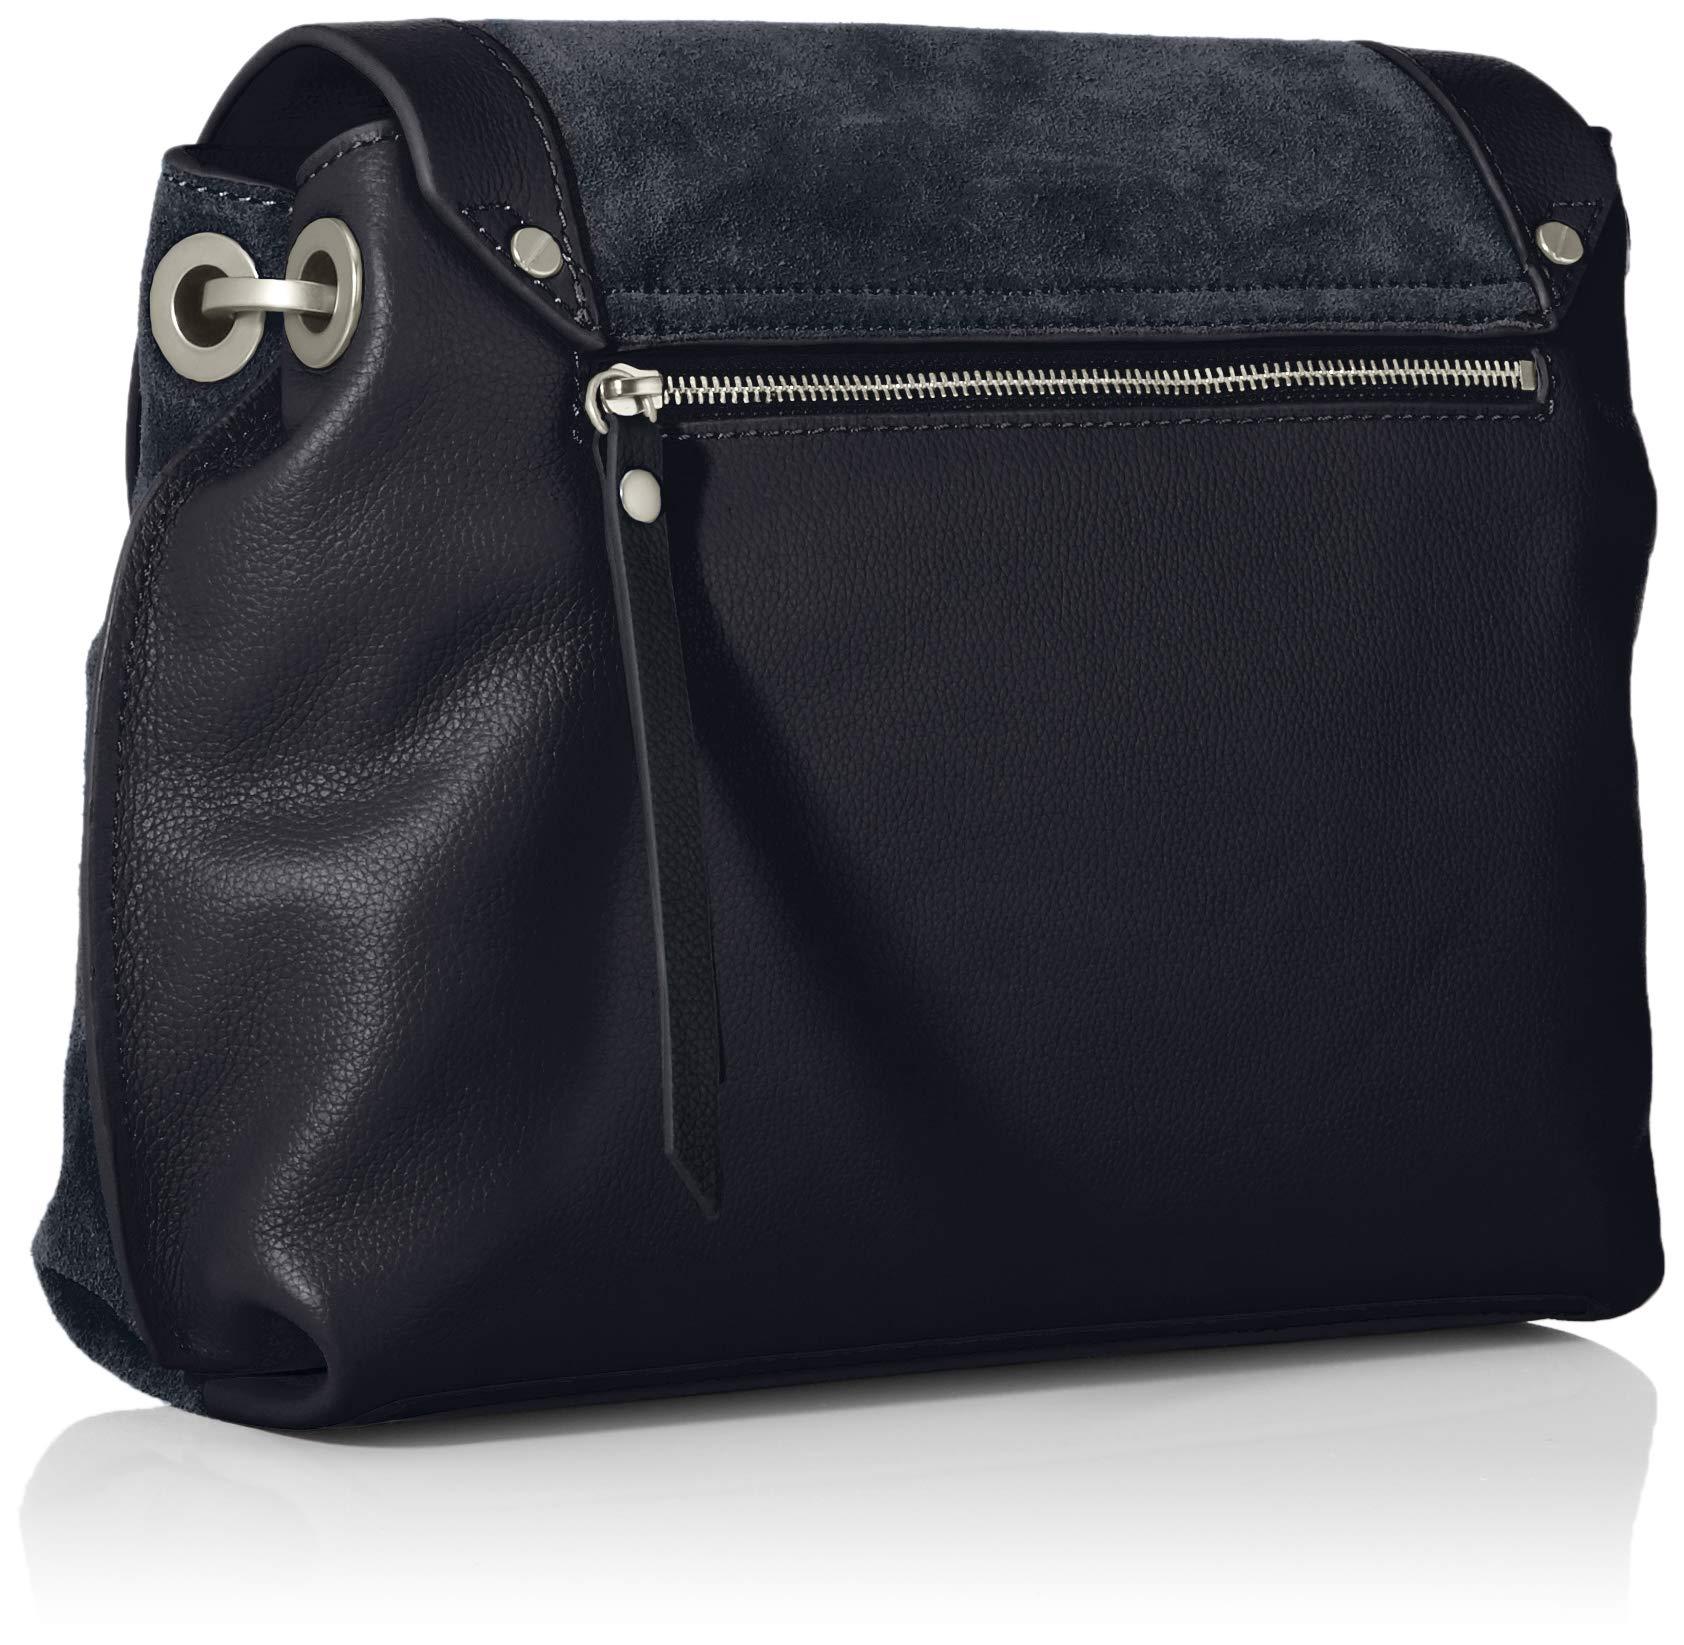 Liebeskind Scouri 2 Leder Handtasche, Schwarz